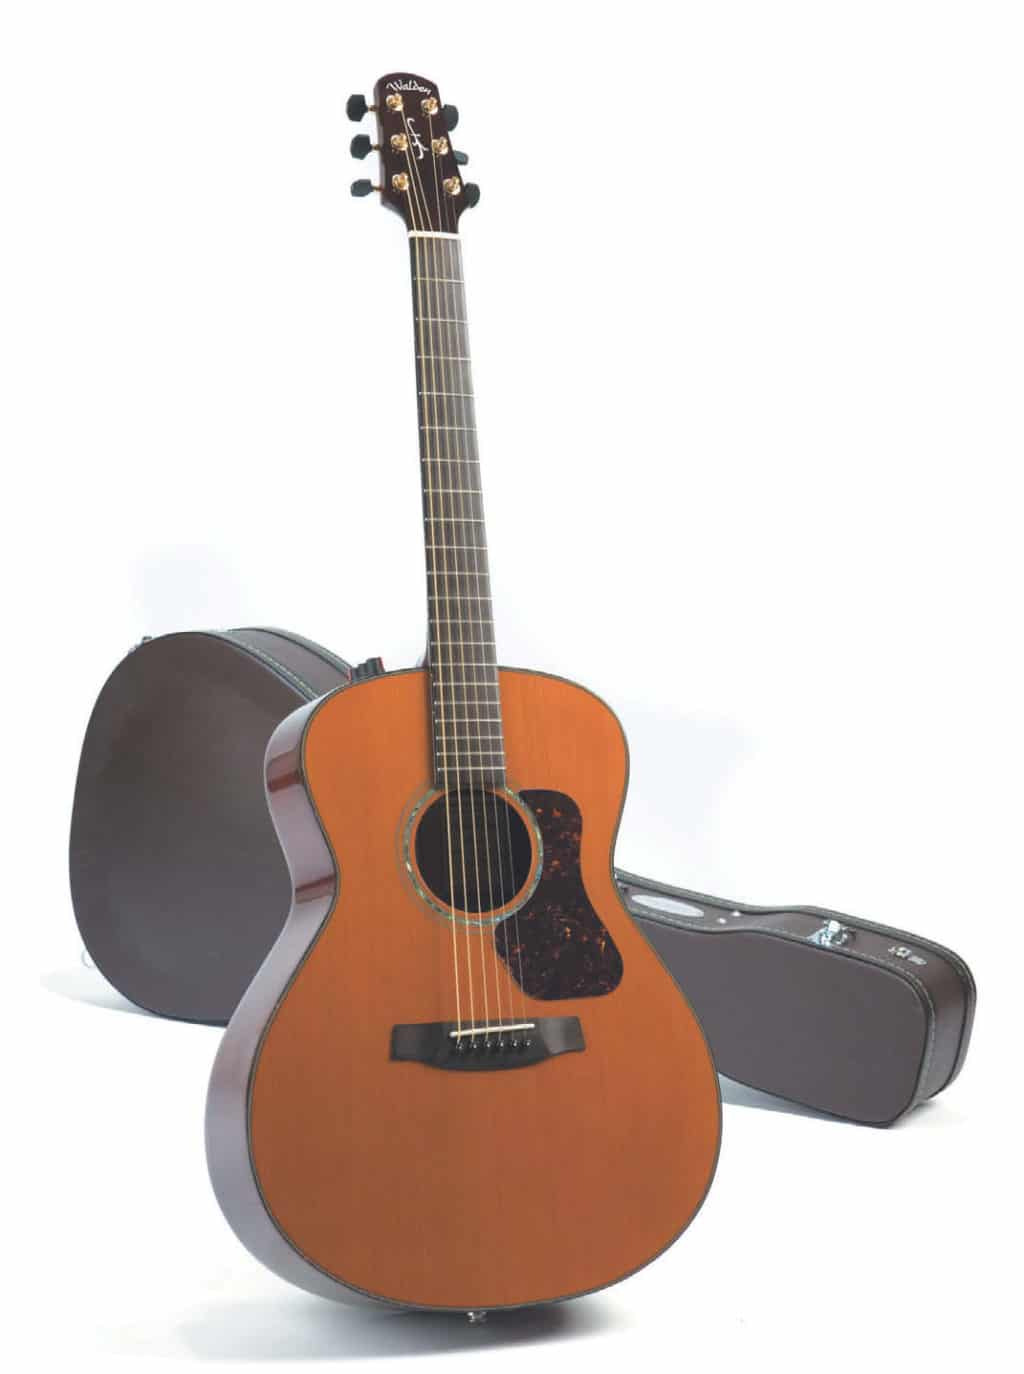 Akustik-Gitarre von Walden, stehend, mit Koffer